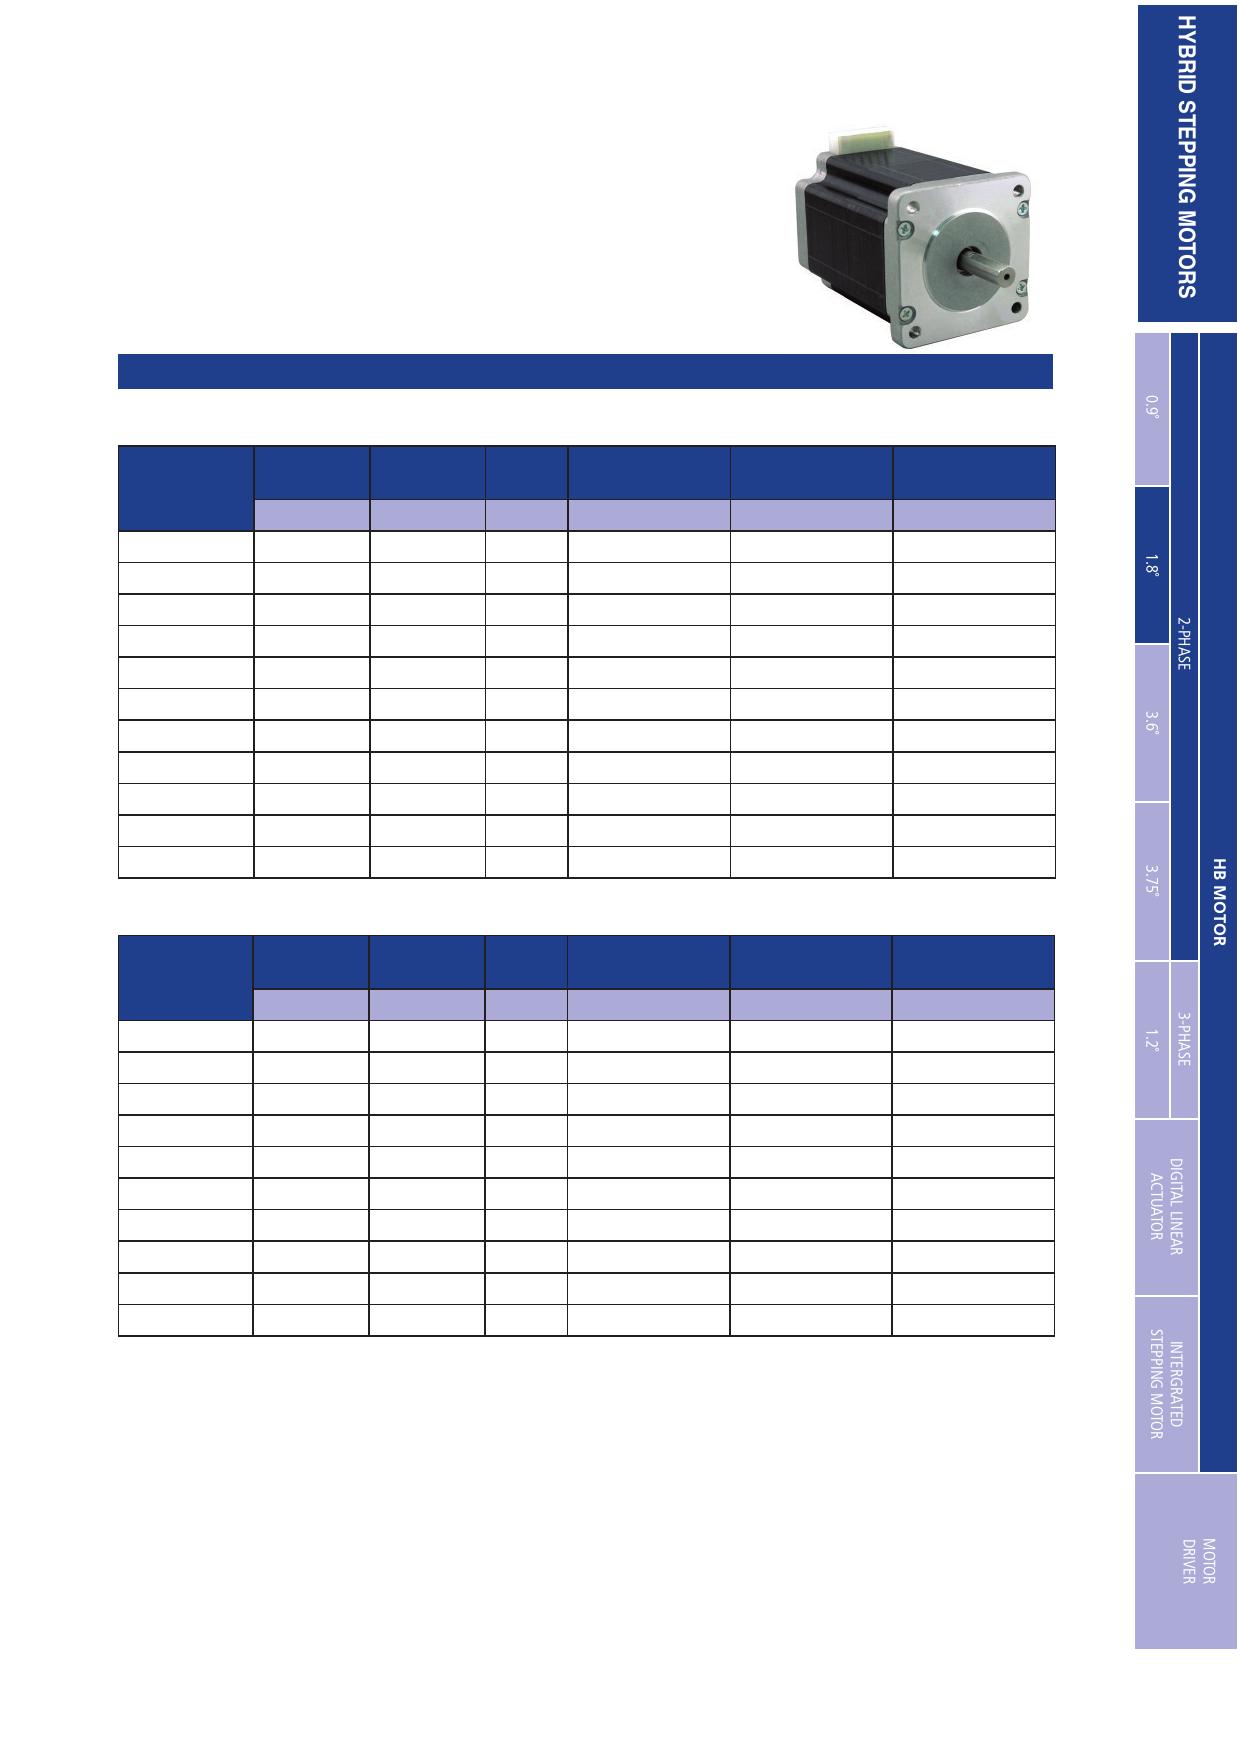 24HS5602N datasheet